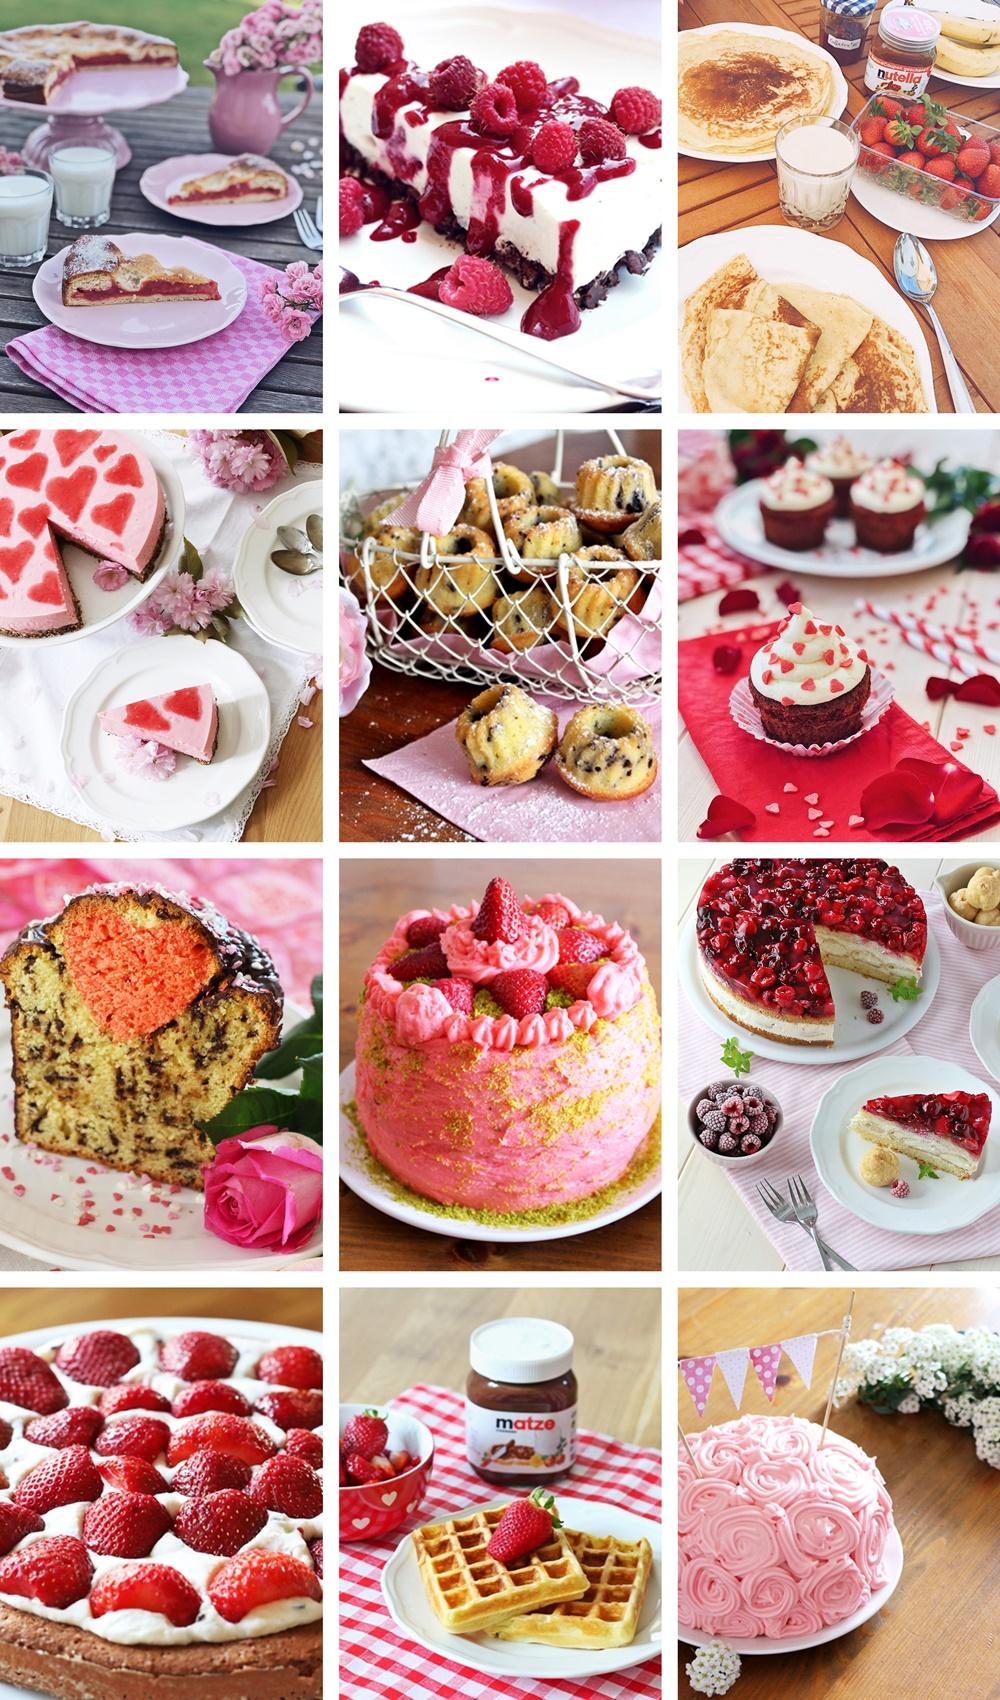 Die schönsten Rezepte zum Muttertag-Mothersday-Mama-Mutter-Kuchen-Frühstück-Süßspeise-Gebäck-Pancakes-Pfannkuchen-Torten-Fashionkitchen-Cupcakes-Gugl_1